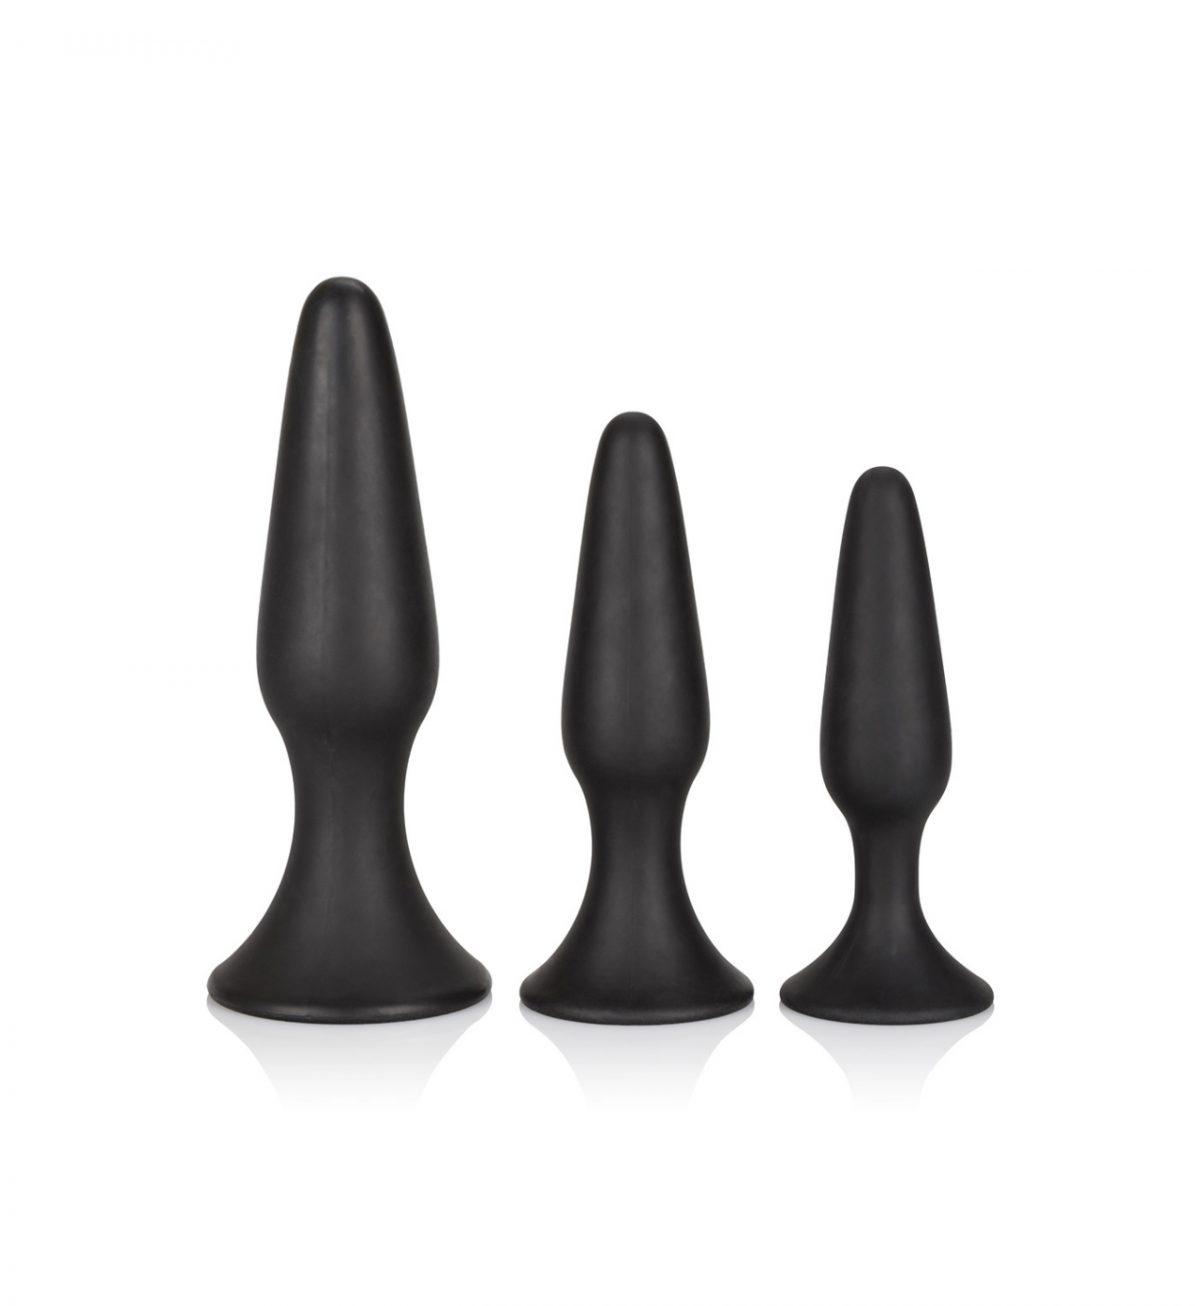 Silicone Anal Trainer Kit - Analplugger i tre forskjellige størrelser - CalExotics